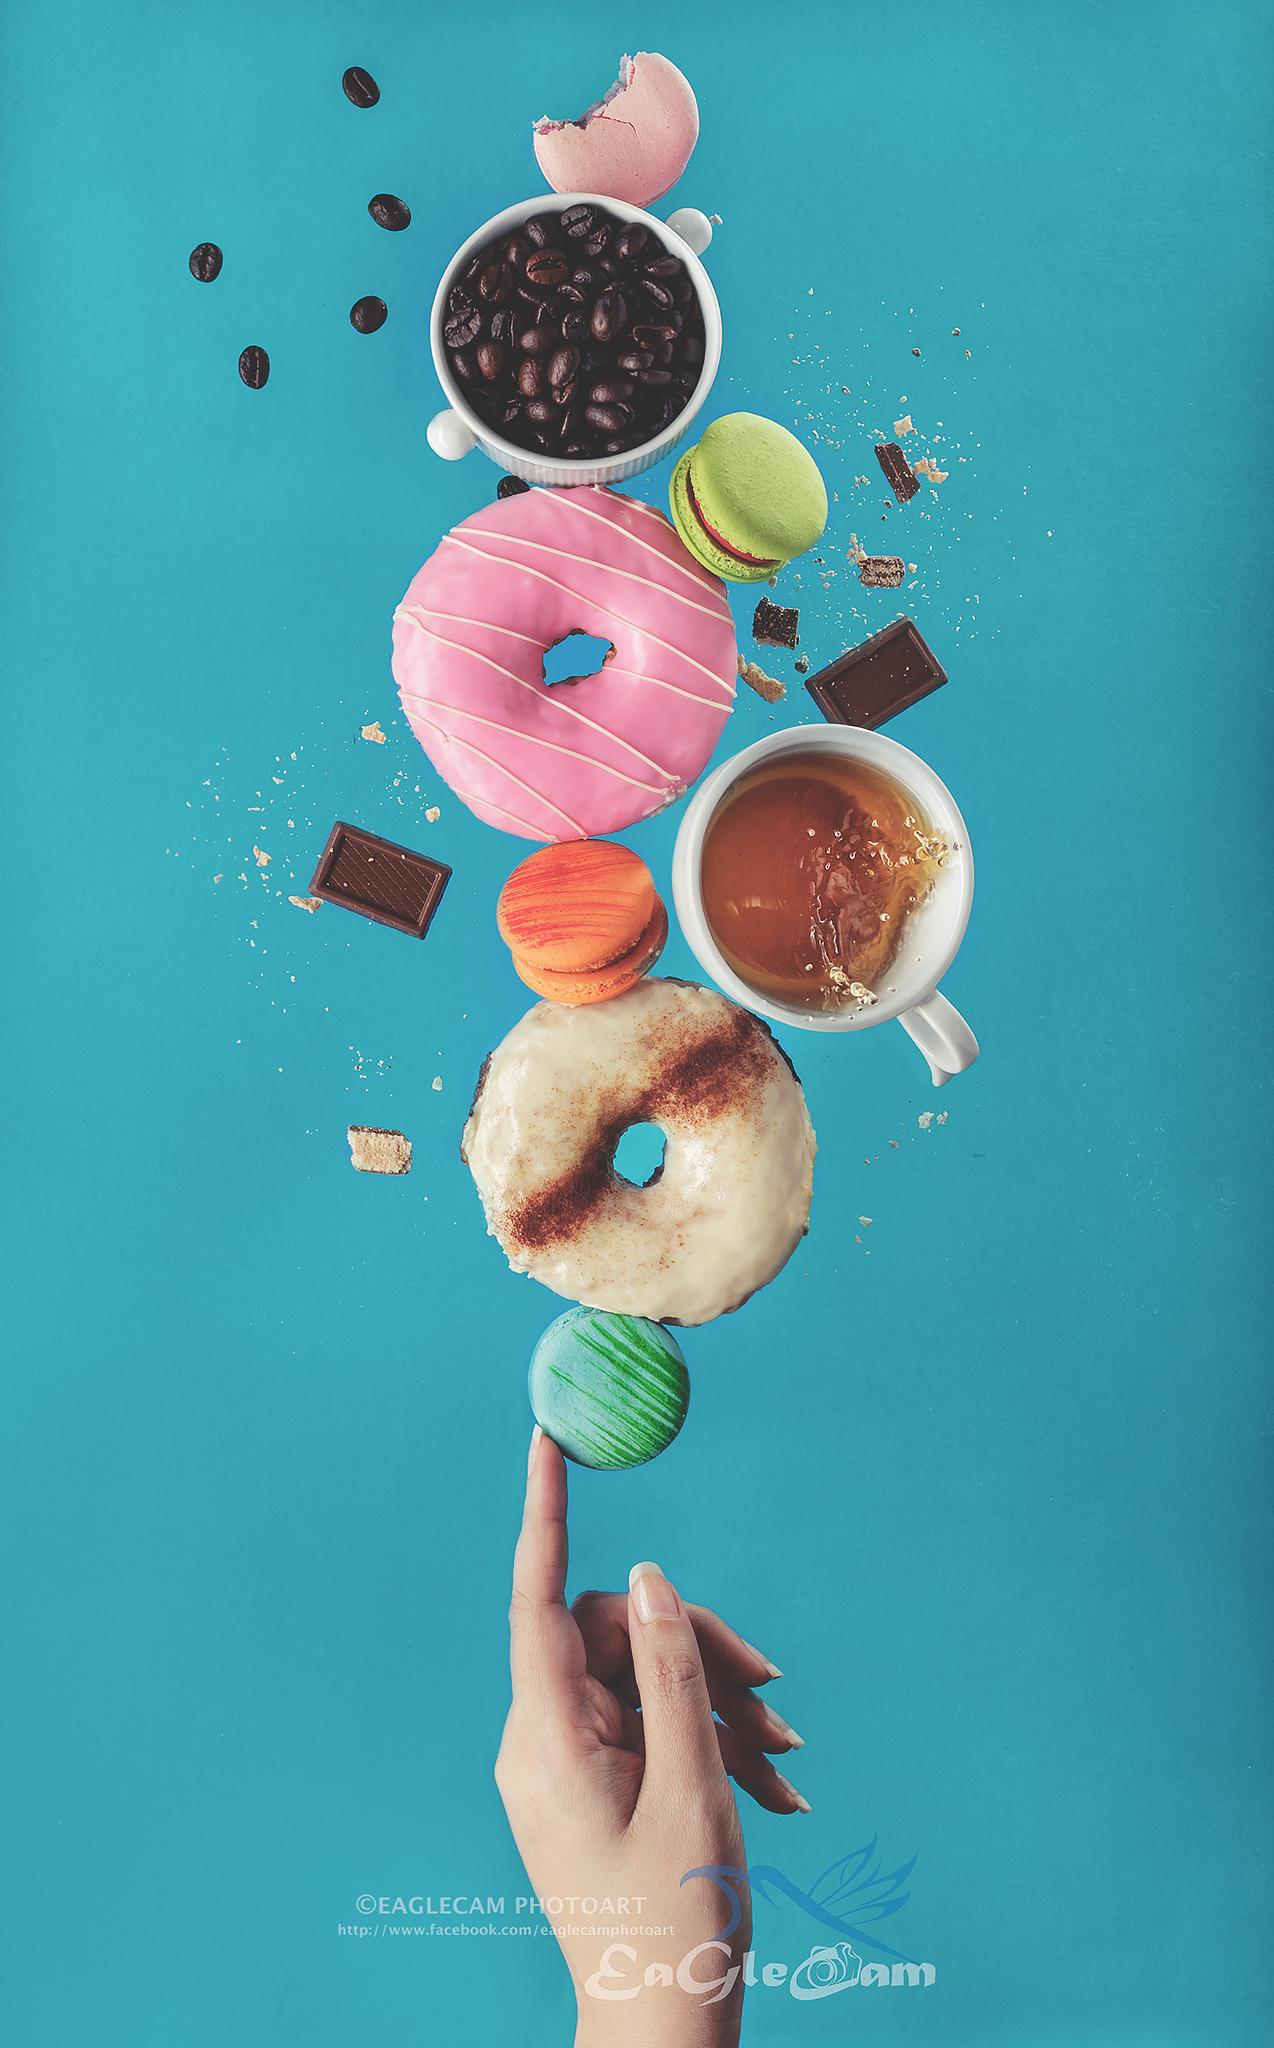 รับถ่ายภาพอาหาร,Food Stylist,ถ่ายภาพอาหาร,ถ่ายรูปอาหาร